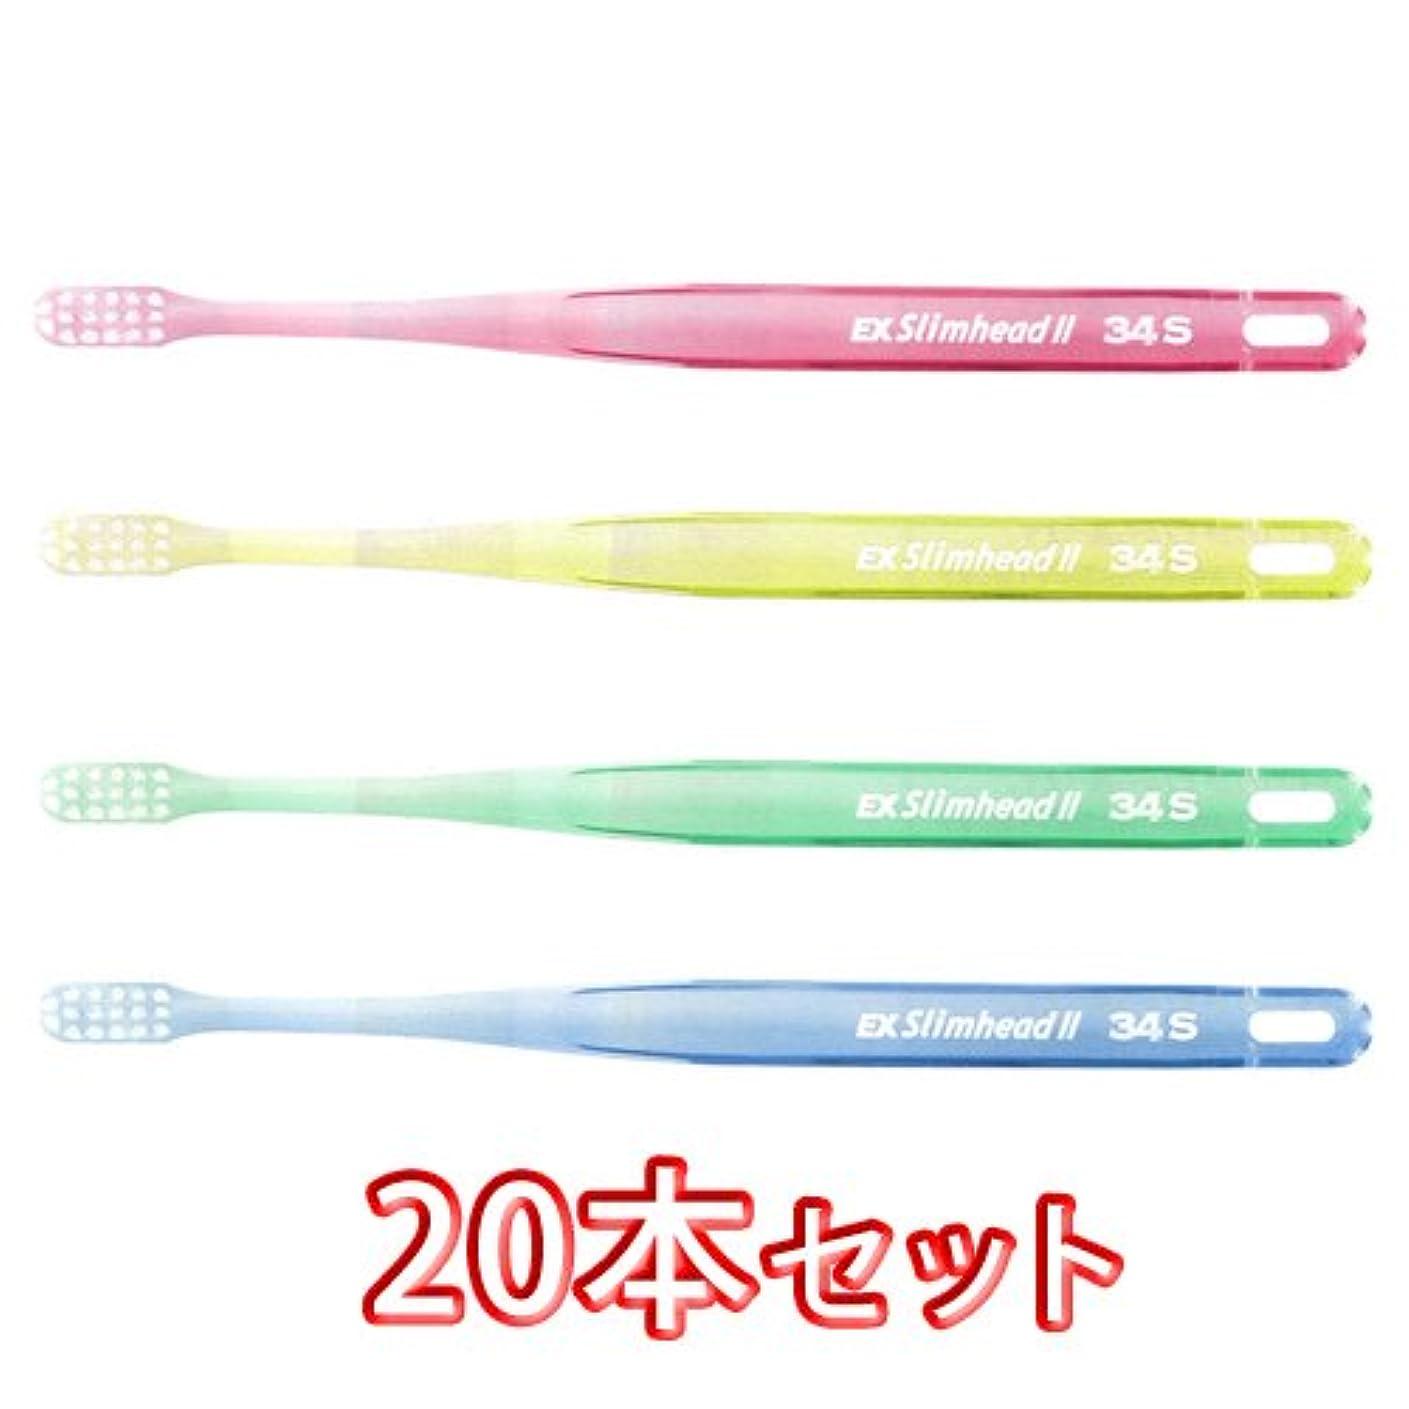 ビタミンドームであるライオン スリムヘッド2 歯ブラシ DENT . EX Slimhead2 20本入 (34S)